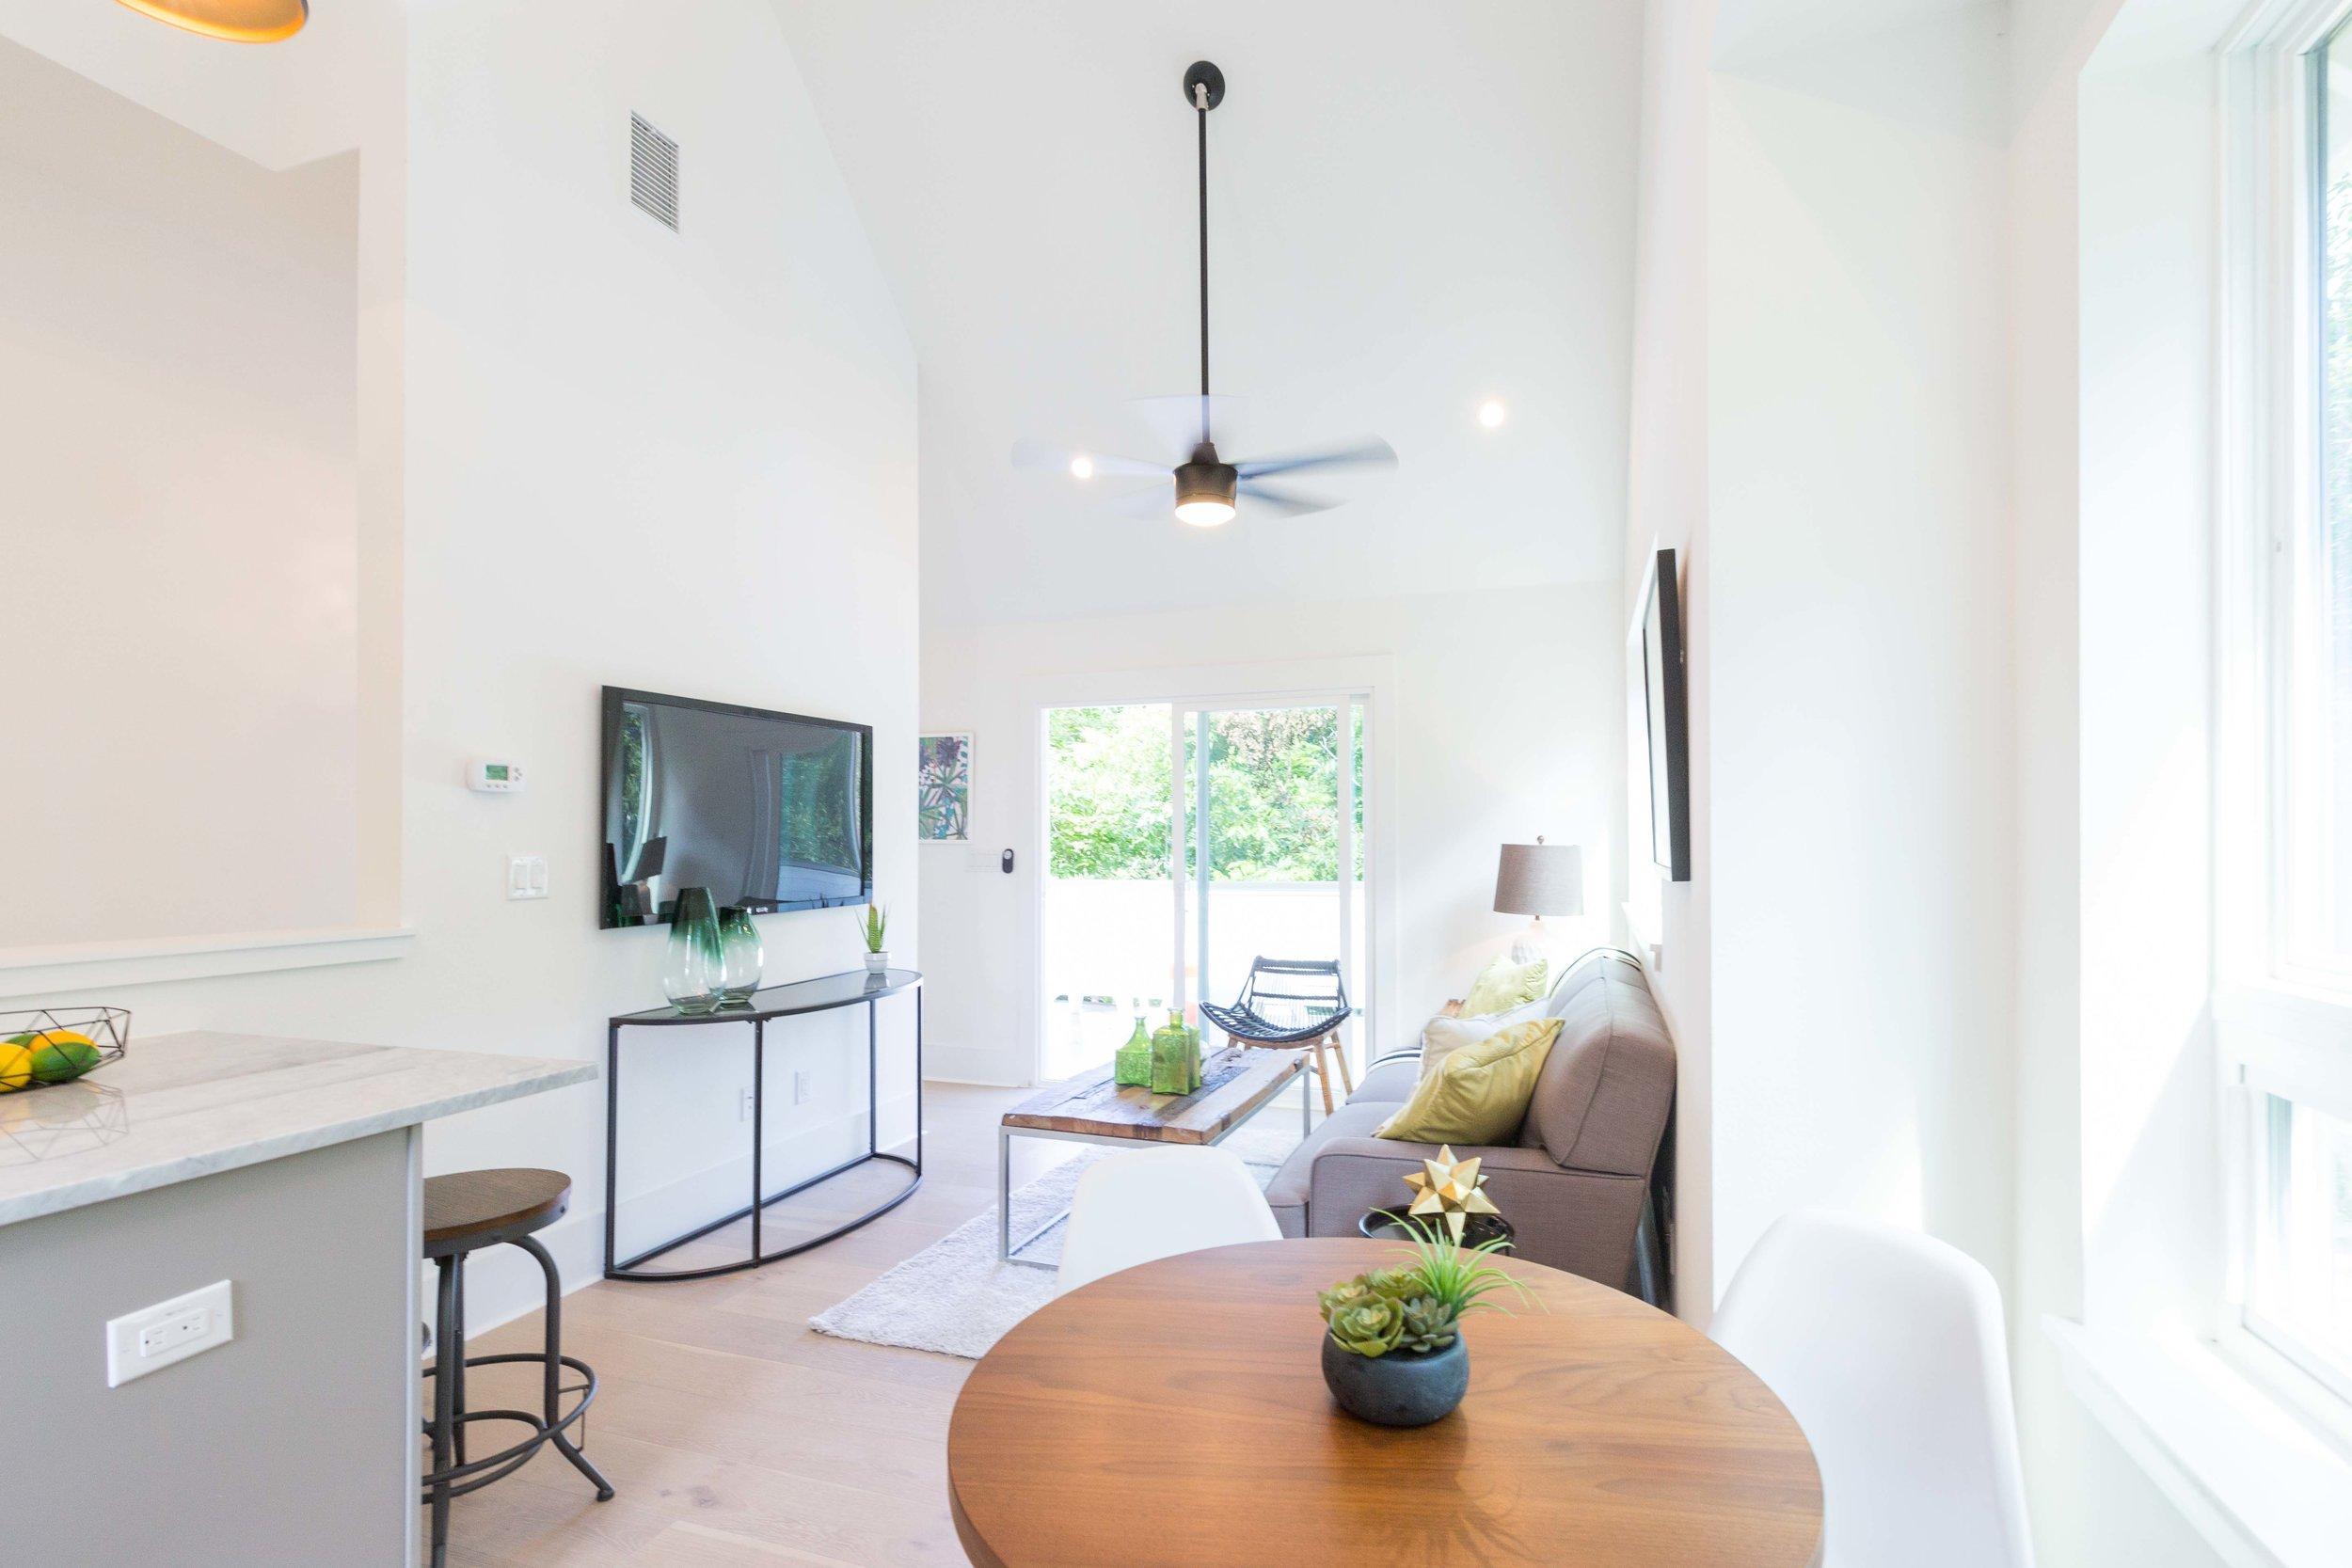 2504_WillowB_-_East_Austin_Alley_House_Modern_Cottage-9942[1].jpg